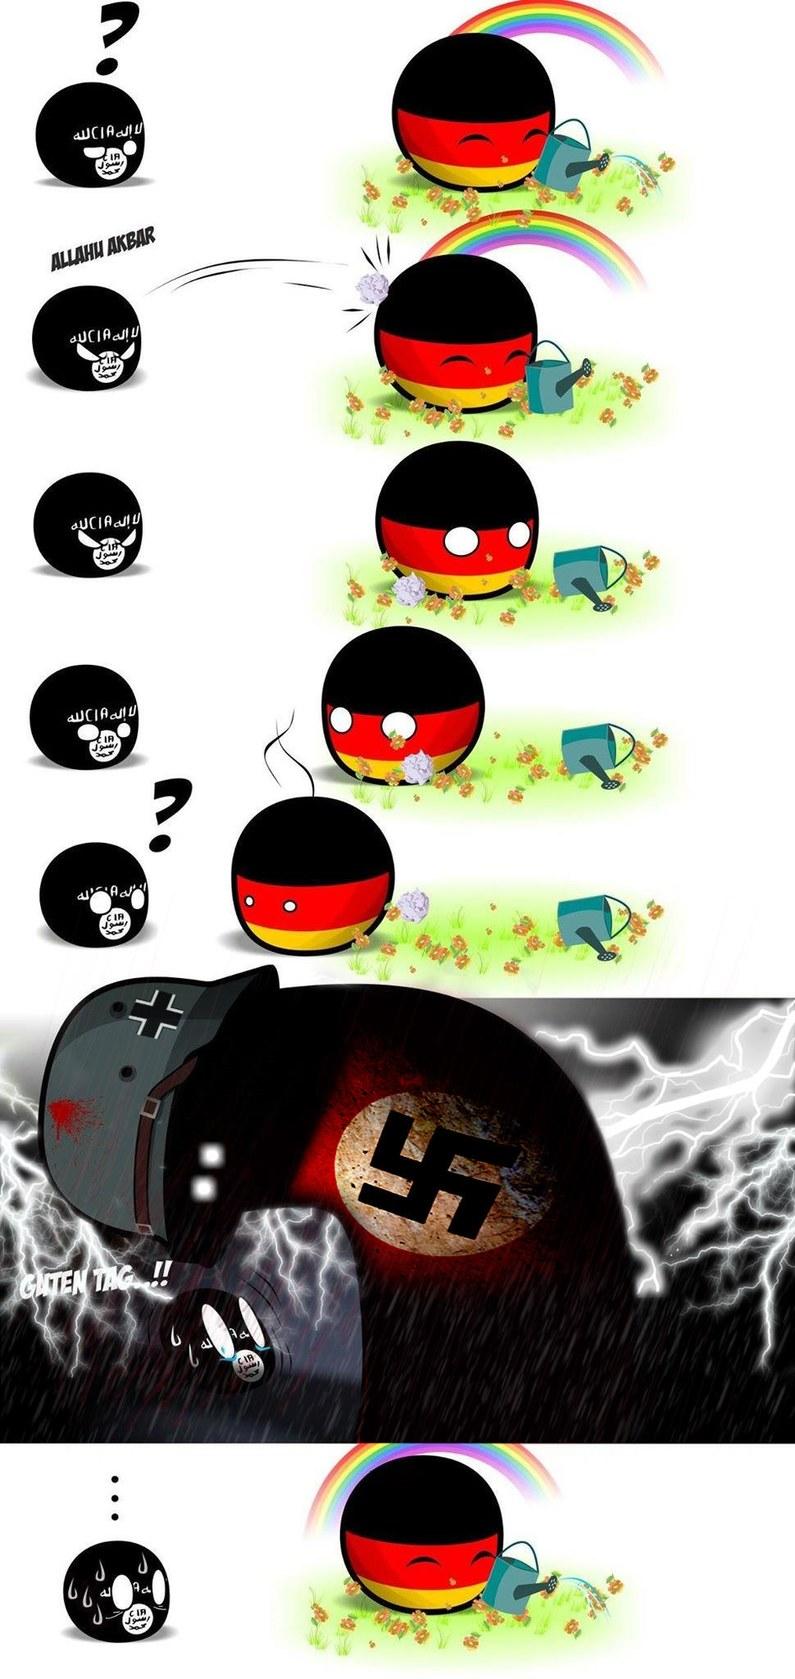 Guten tag :) - meme